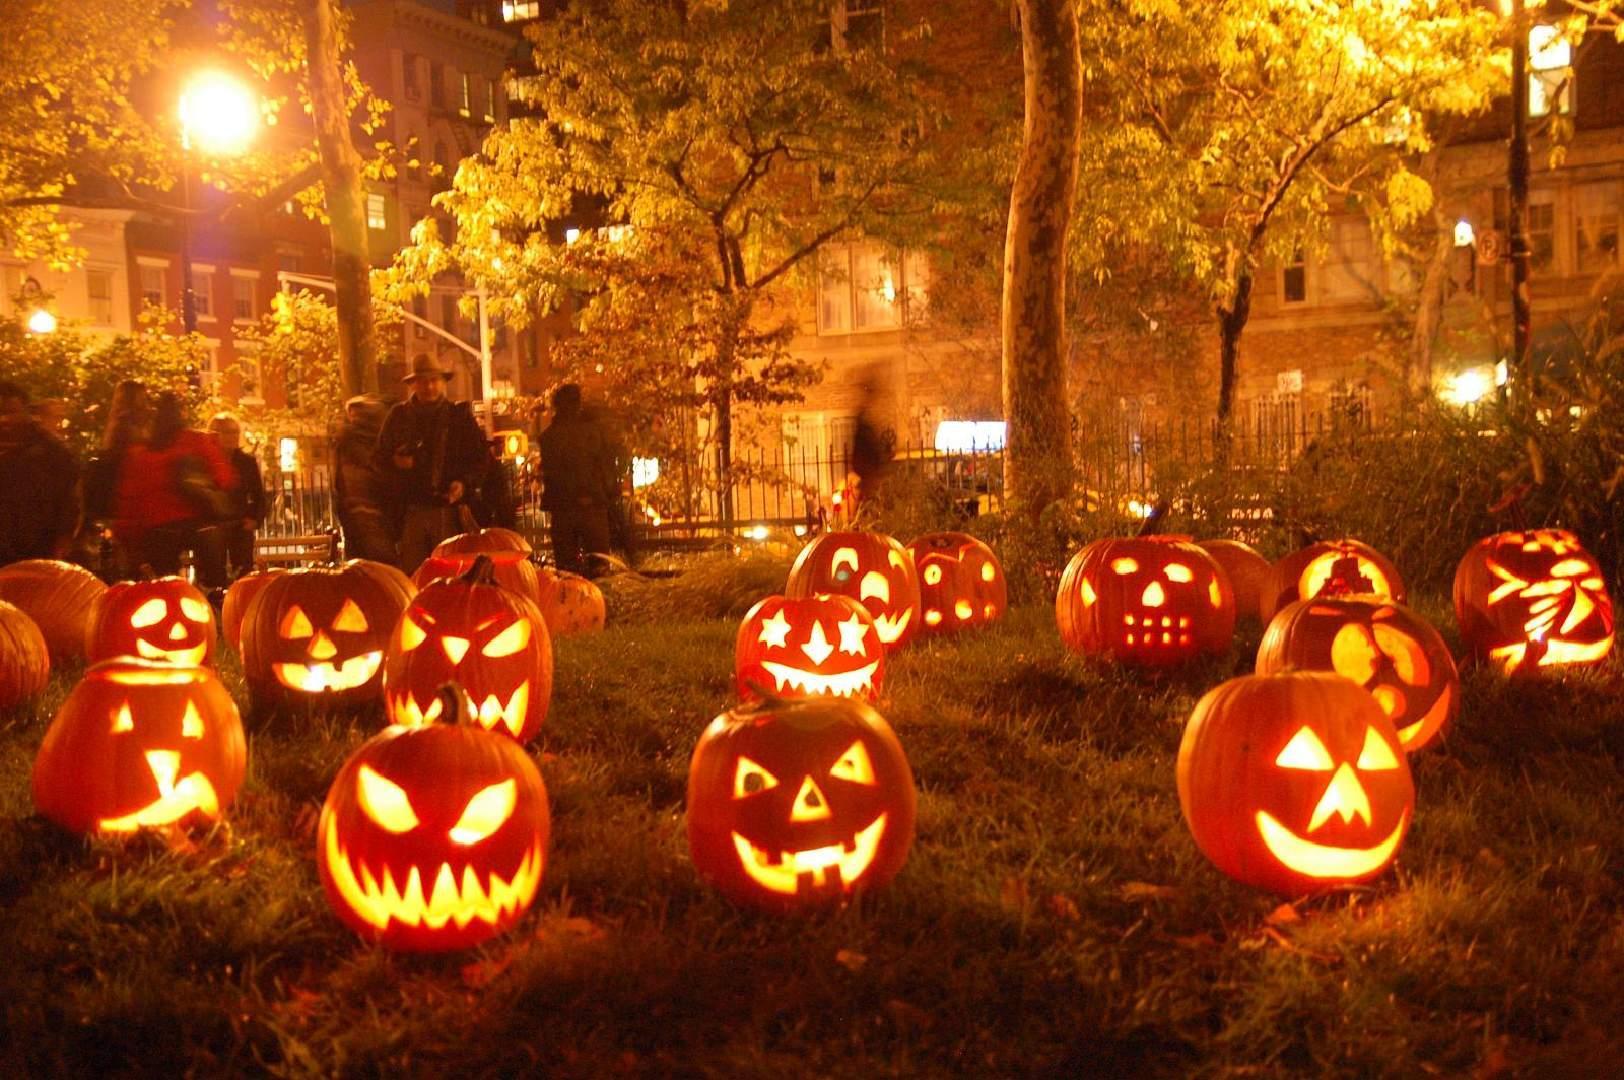 Fall Pumpkin Desktop Landscapes Nature 1624x1080